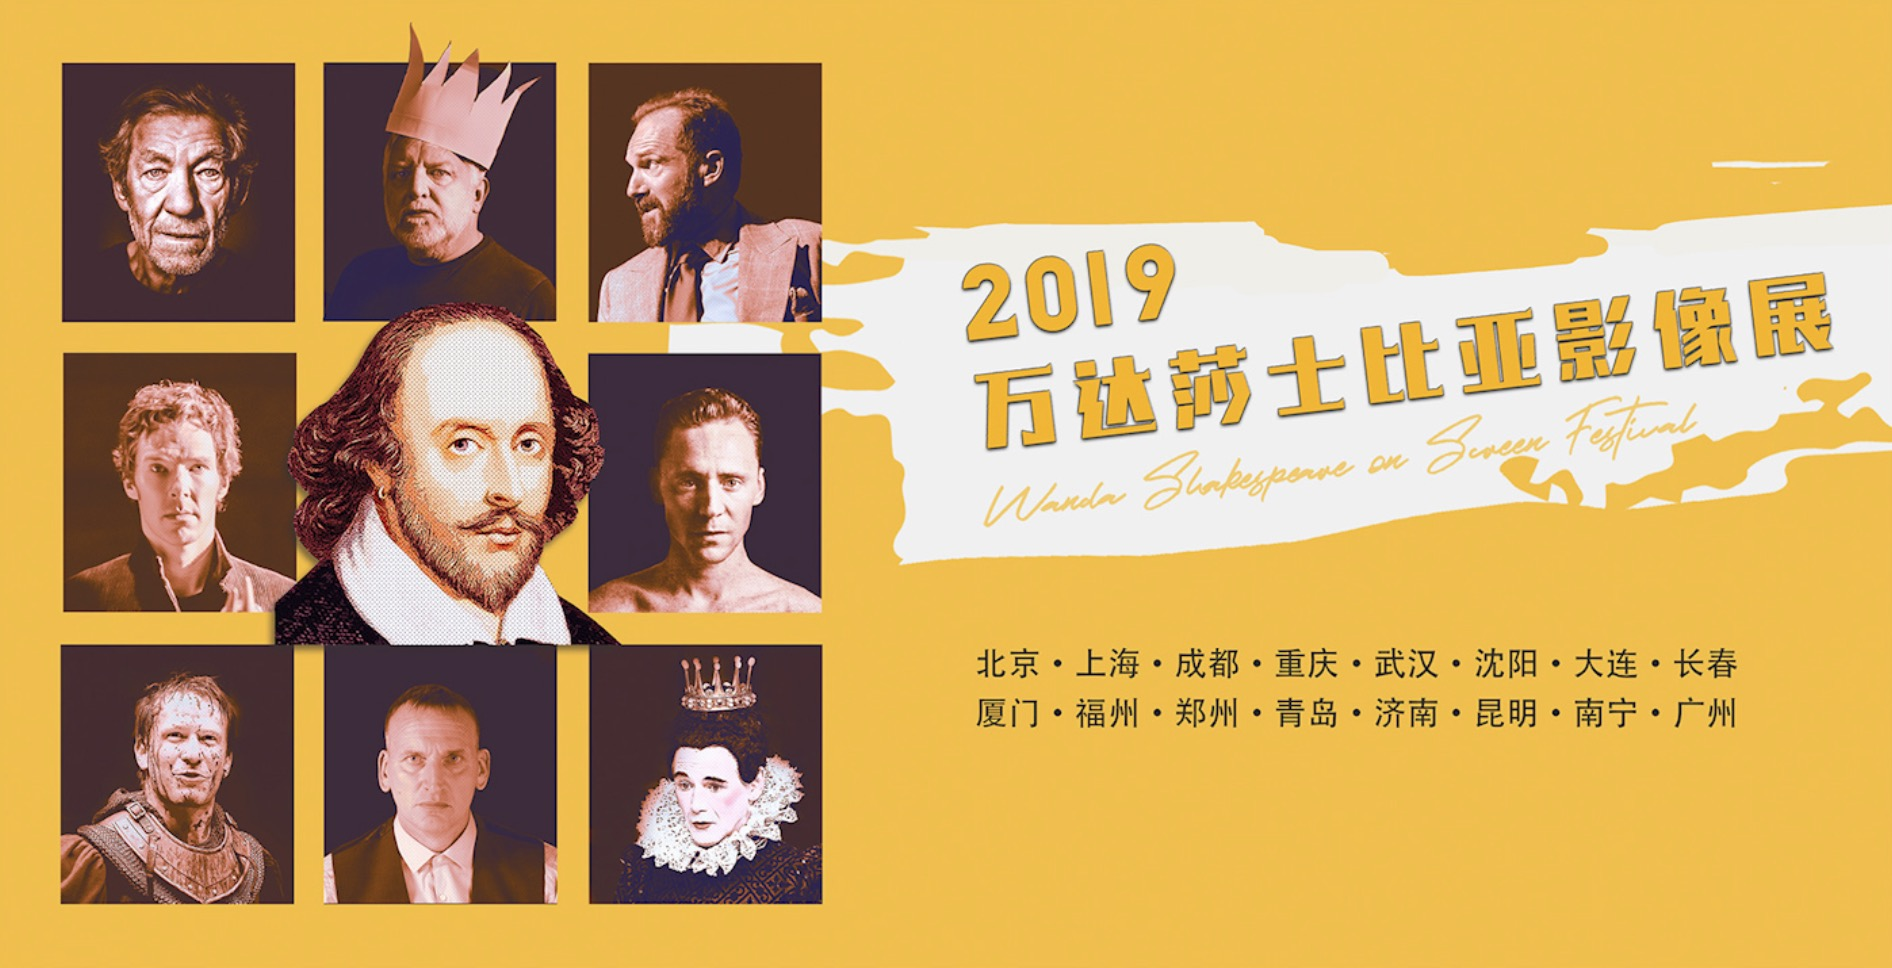 首届万达莎士比亚影像展在北京开幕